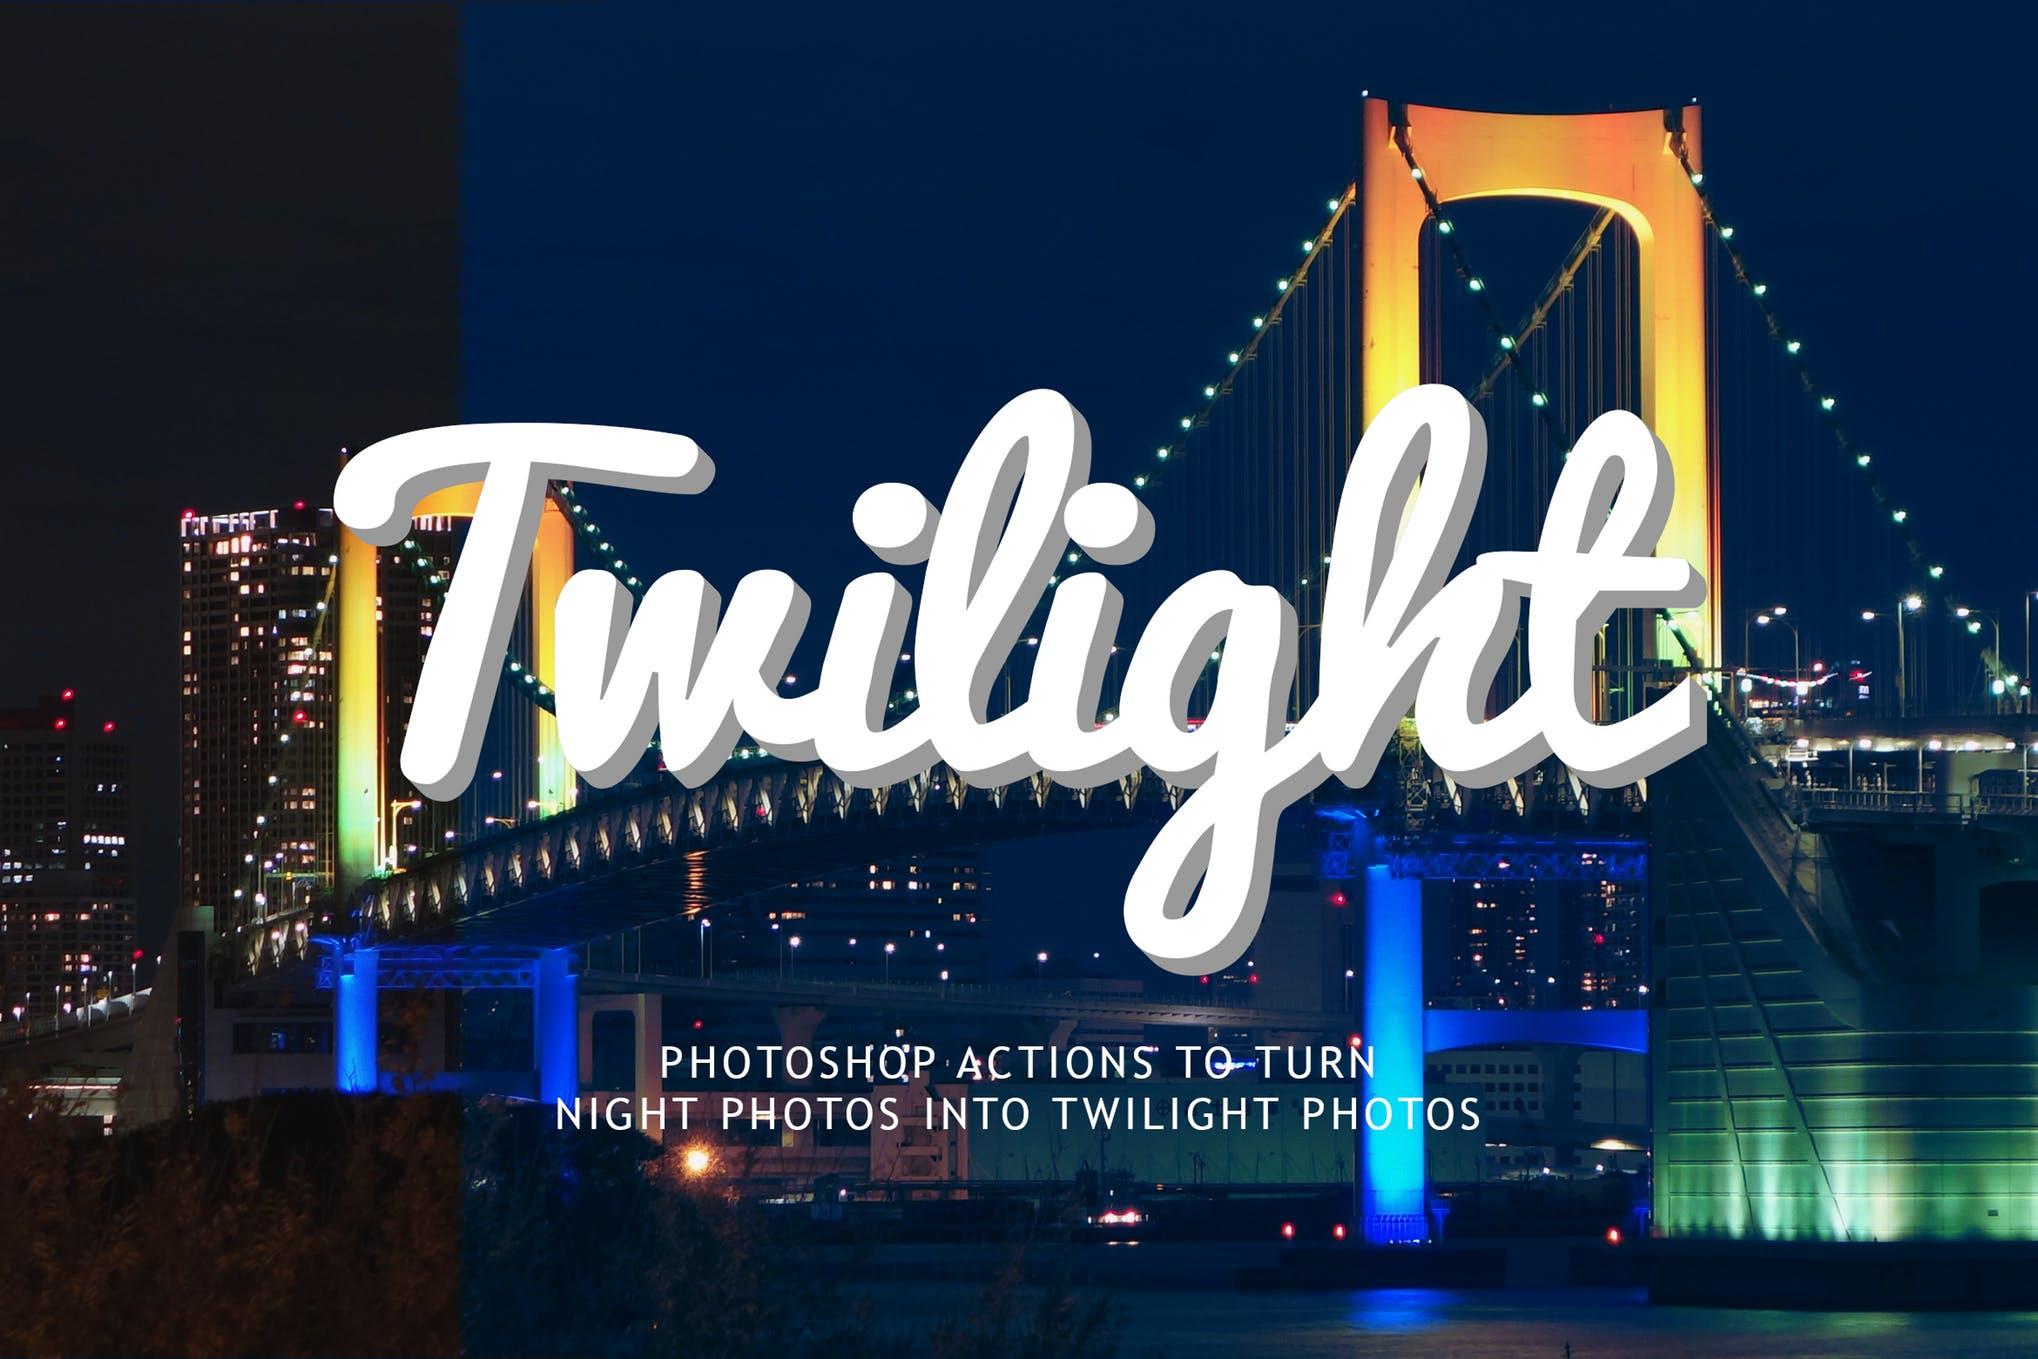 دانلود اکشن فتوشاپ Night to Twilight - به همراه آموزش ویدیویی